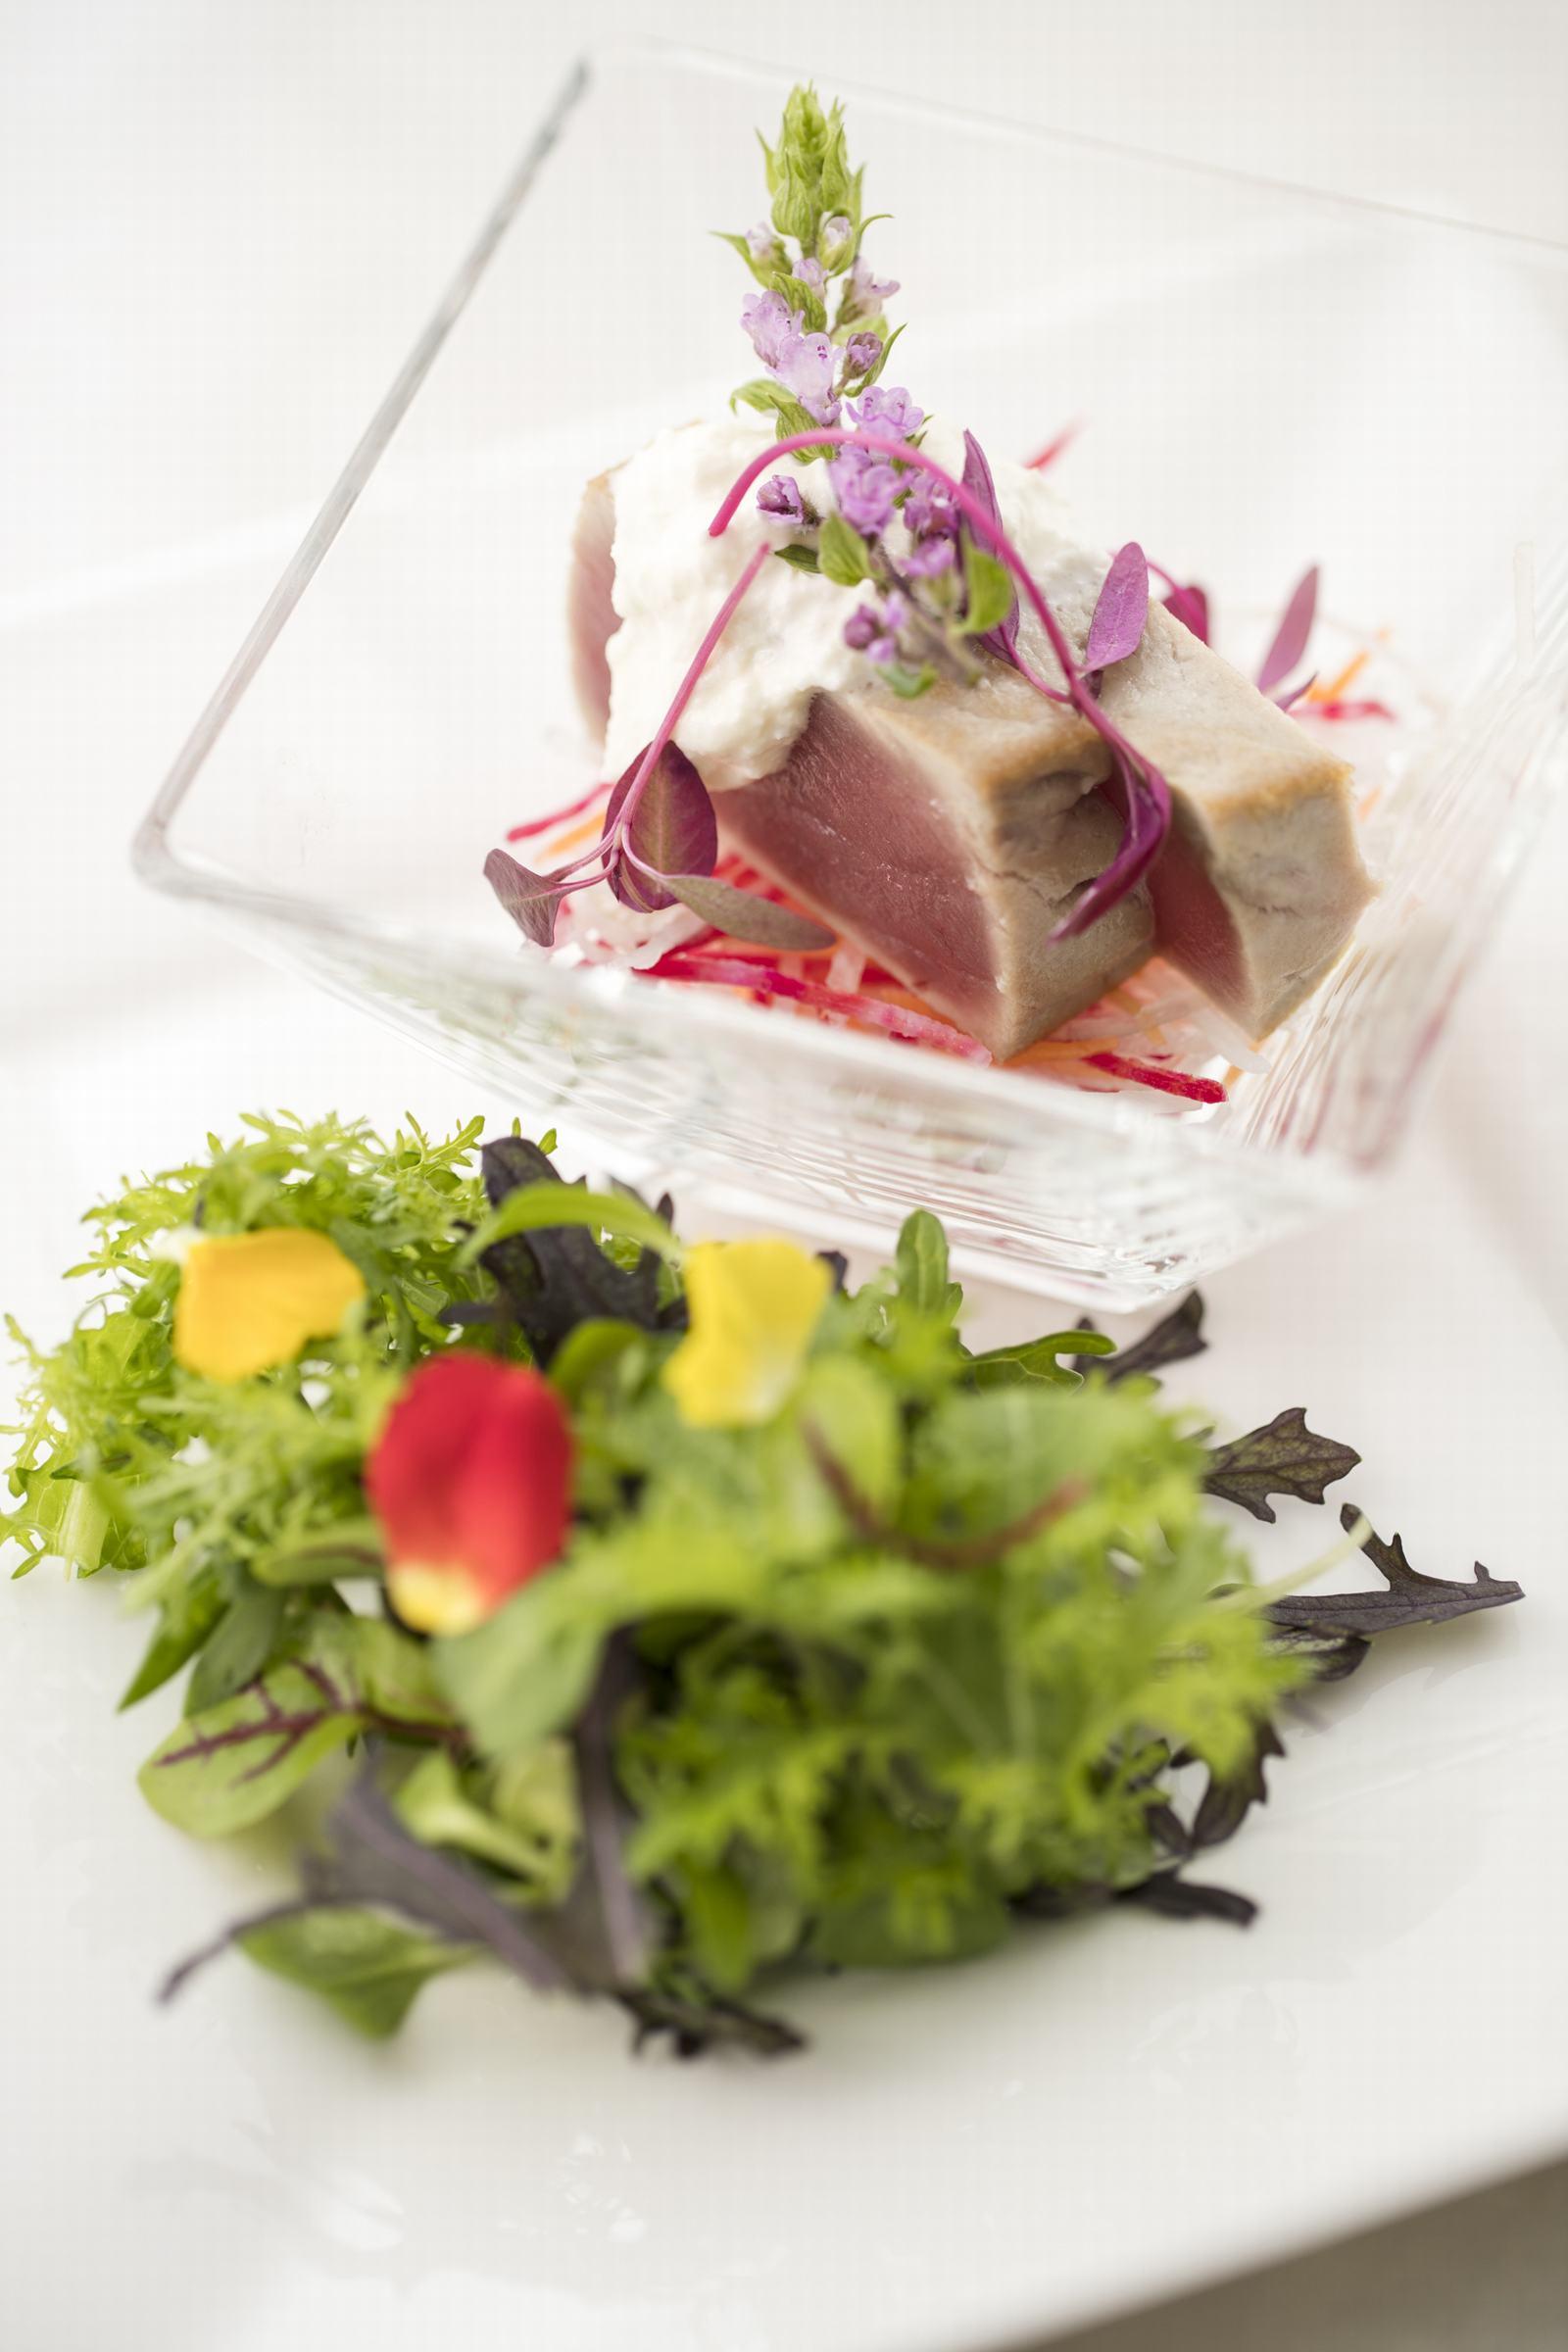 徳島県の結婚式場ブランアンジュのお料理イメージ